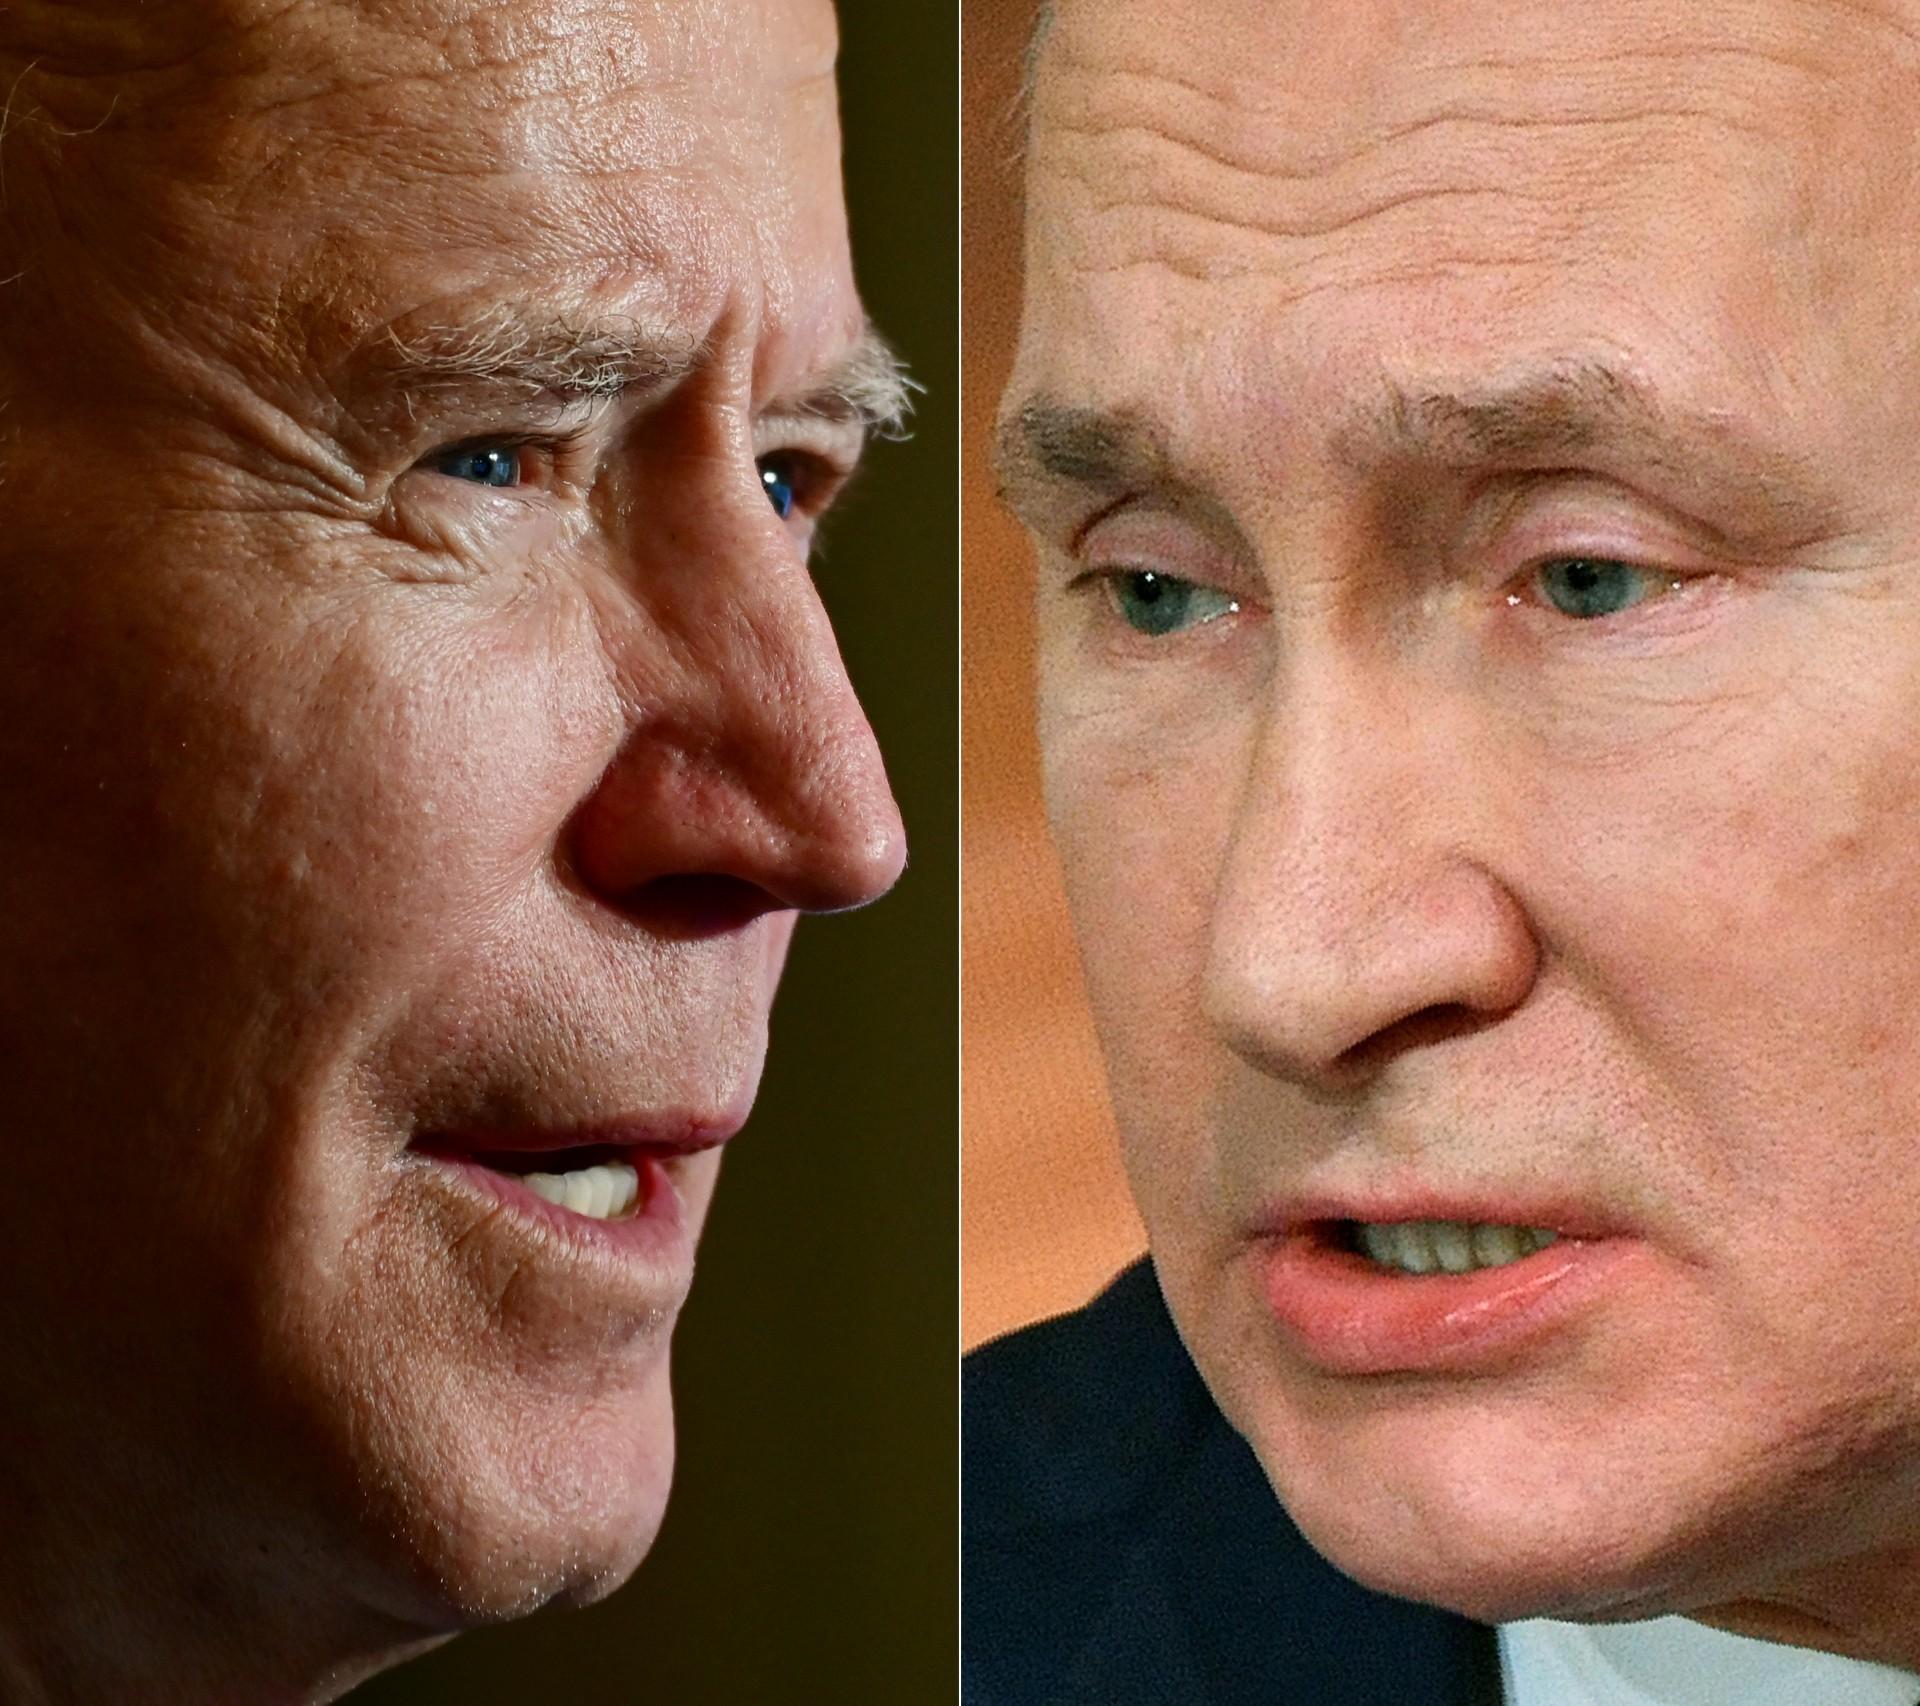 Presidente dos EUA, Joe Biden, ligou para presidente russo Vladimir Putin, em janeiro de 2021, pela primeira vez desde que assumiu o cargo, e levantou preocupações com o líder do Kremlin sobre o envenenamento do líder da oposição Alexei Navalny e sobre conflitos com a Ucrânia